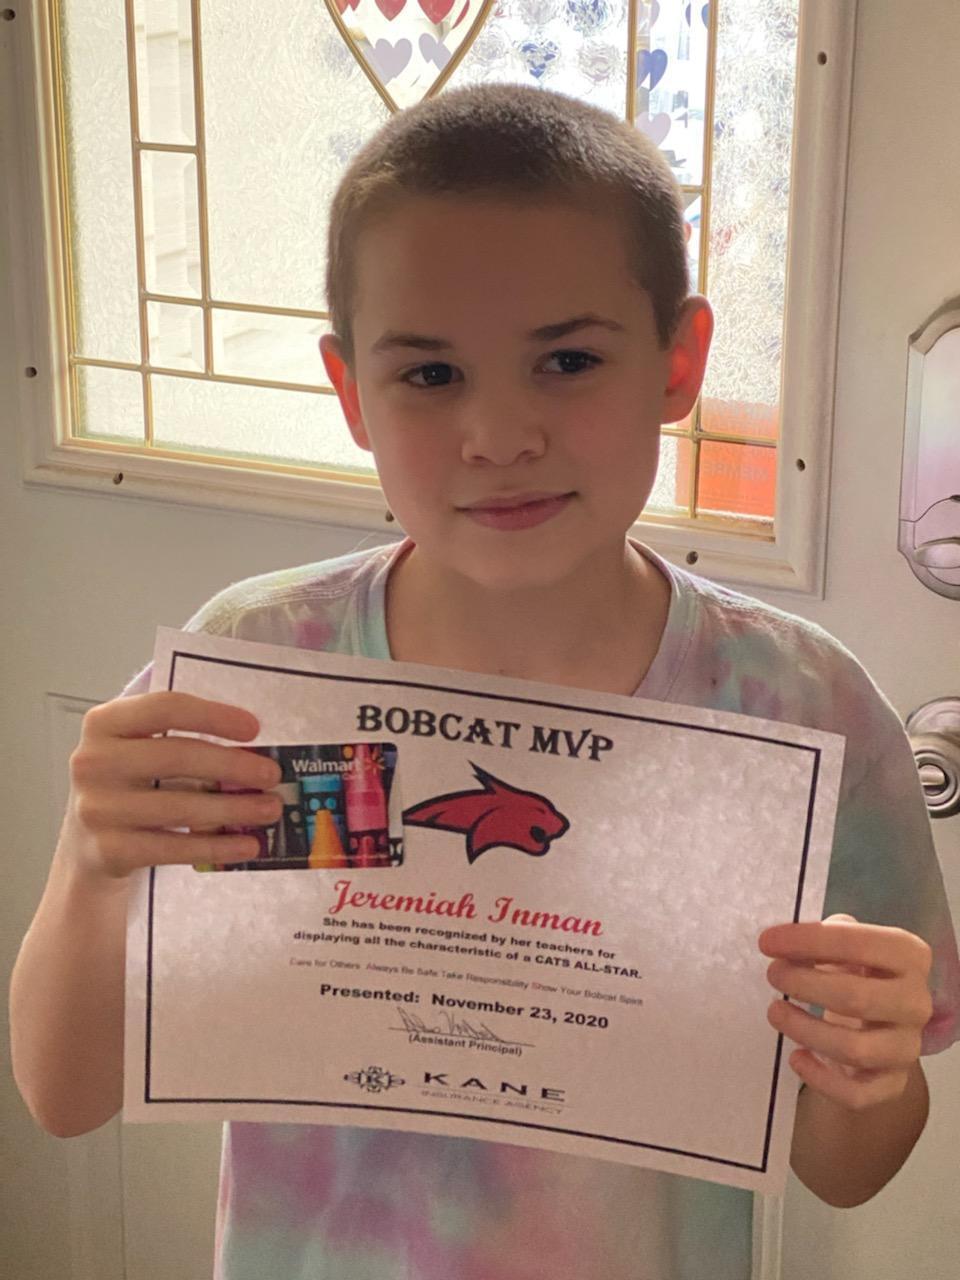 Bobcat MVP of the Week – Jeremiah Inman